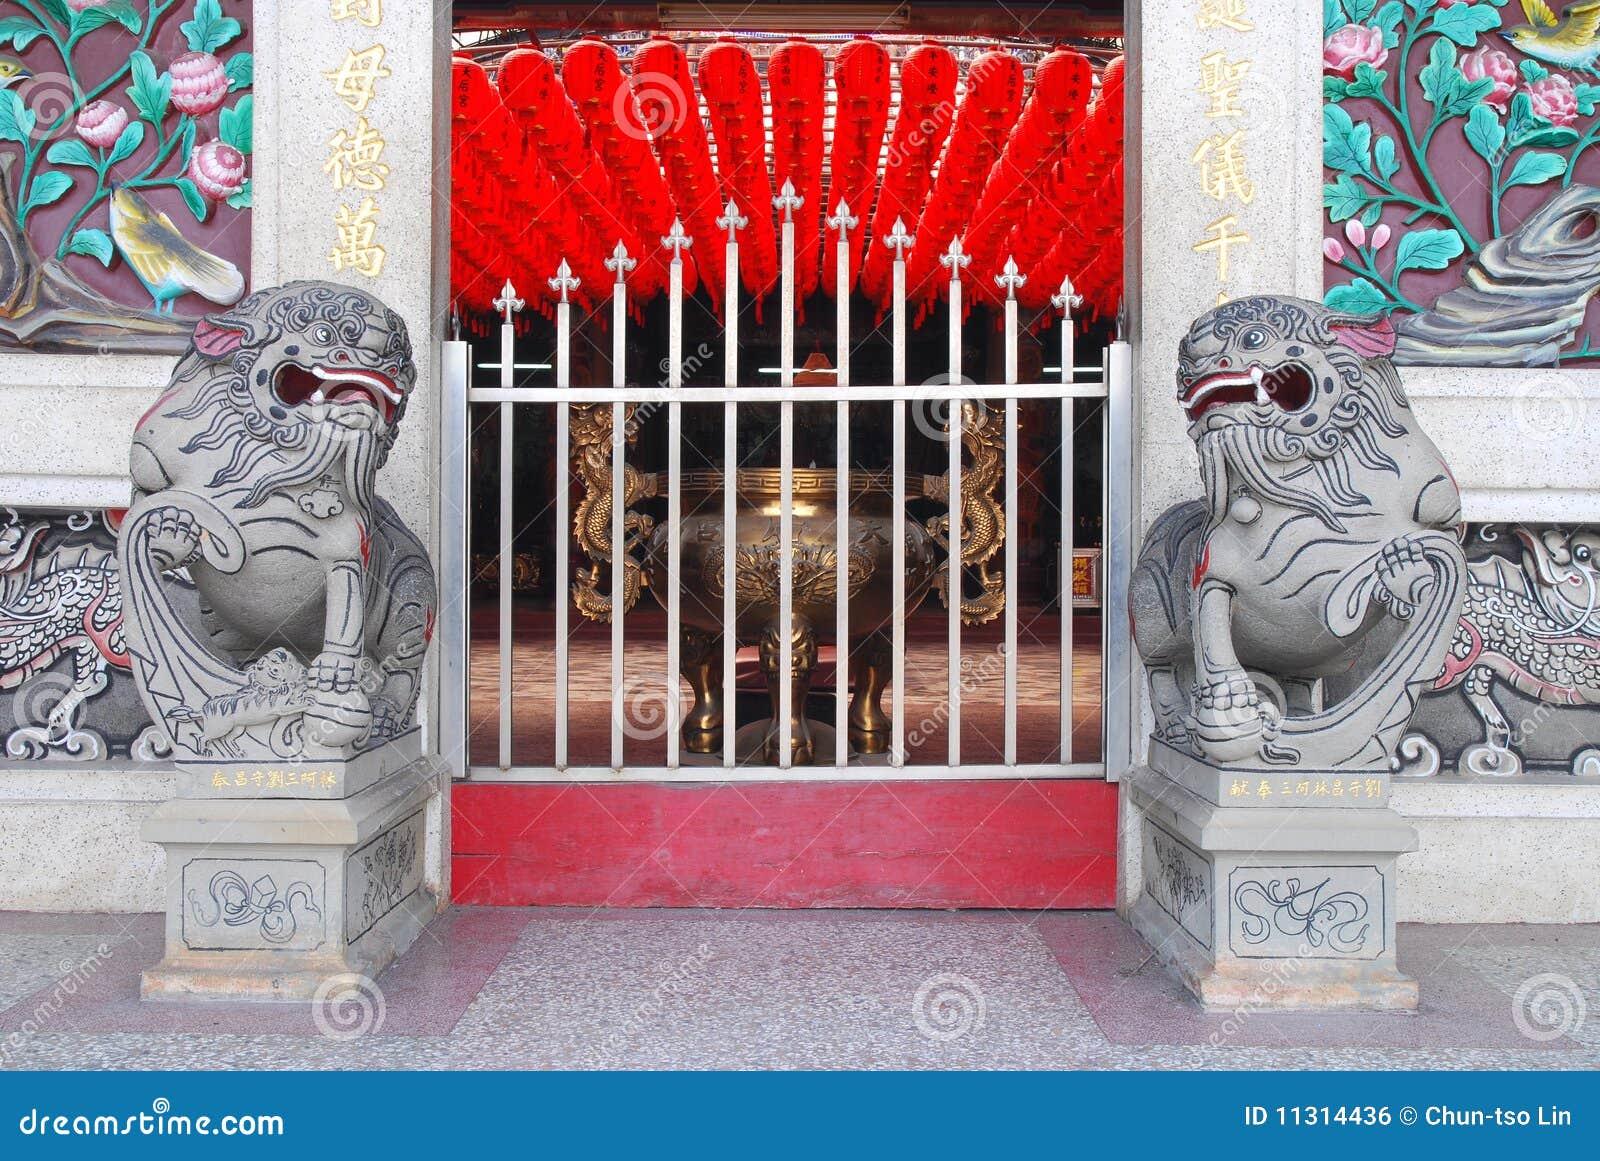 Tempel-Haupteingang der chinesischen Art.